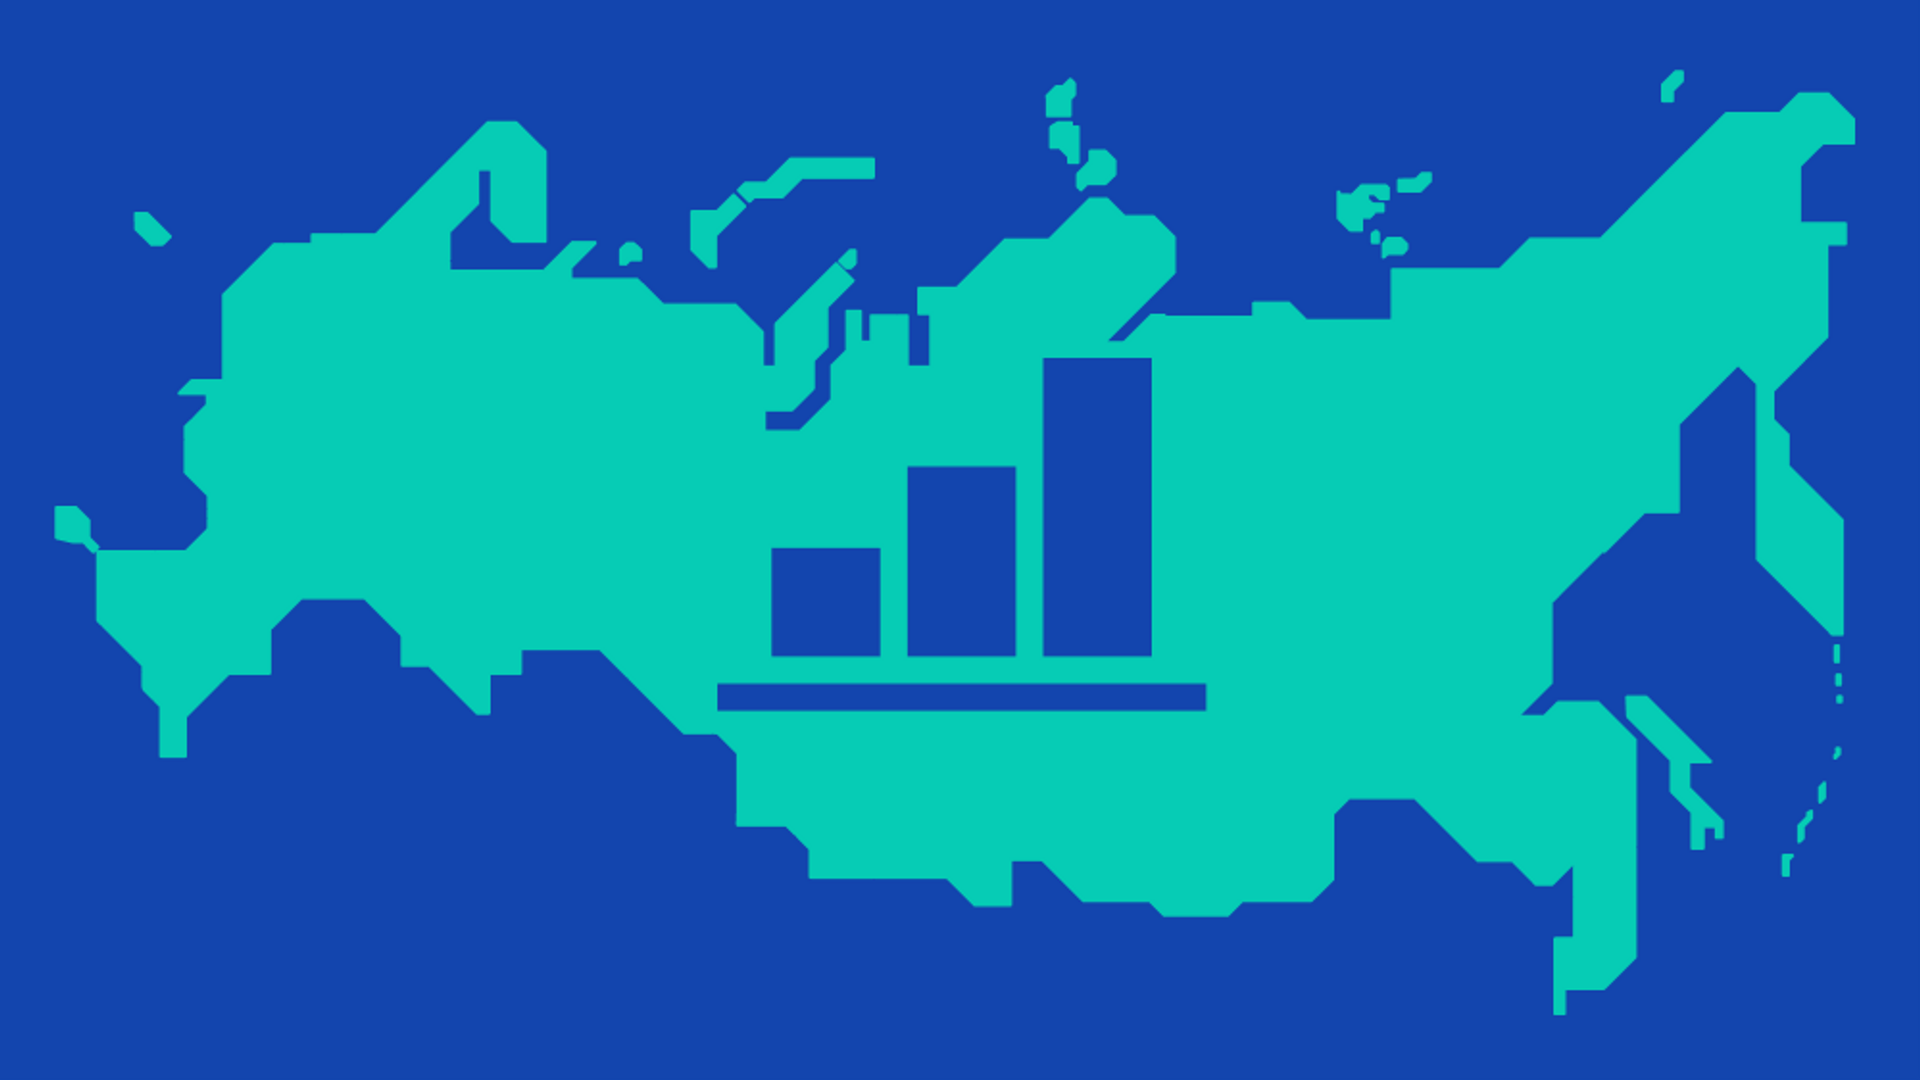 Общенациональный план действий по восстановлению российской экономики - РИА Новости, 1920, 05.06.2020